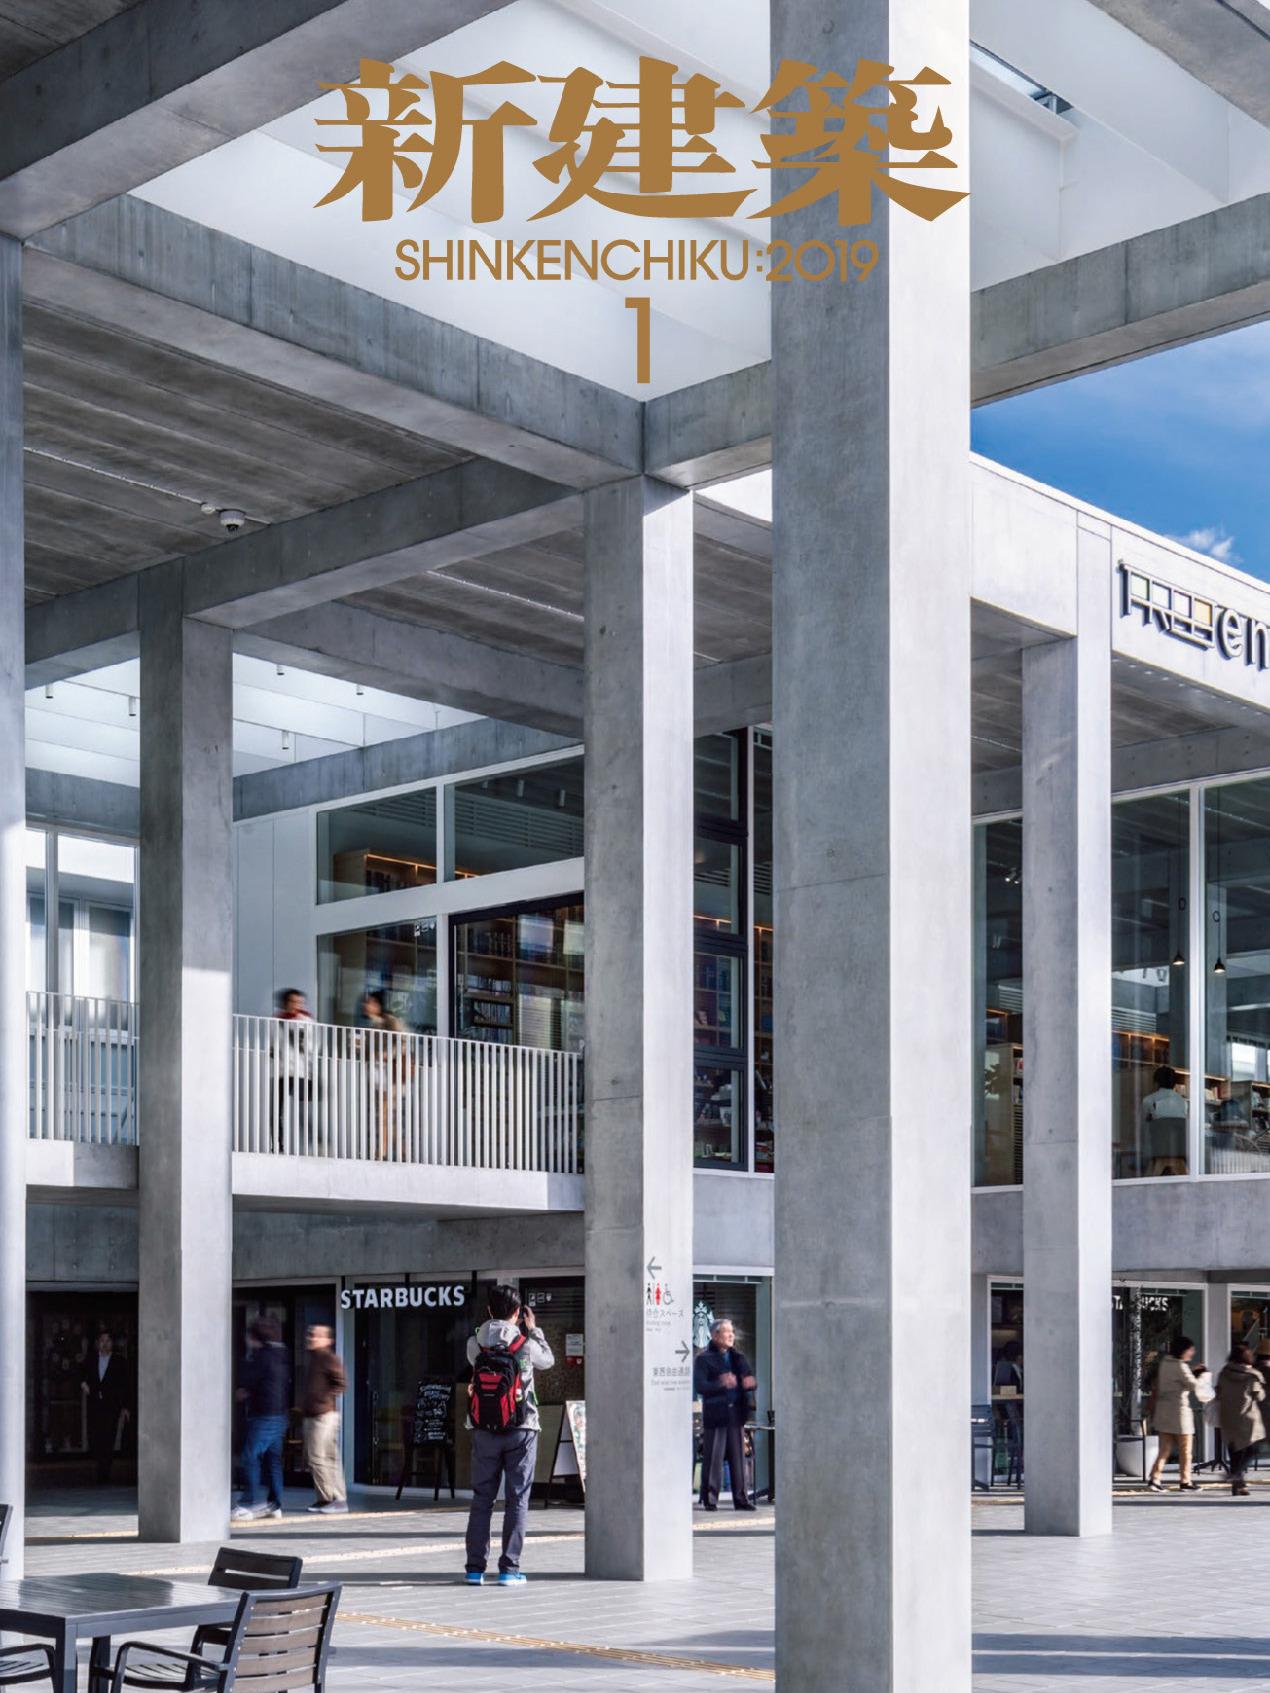 《商店建筑Shotenkenchiku》日本版店面室内设计杂志2019年01月号